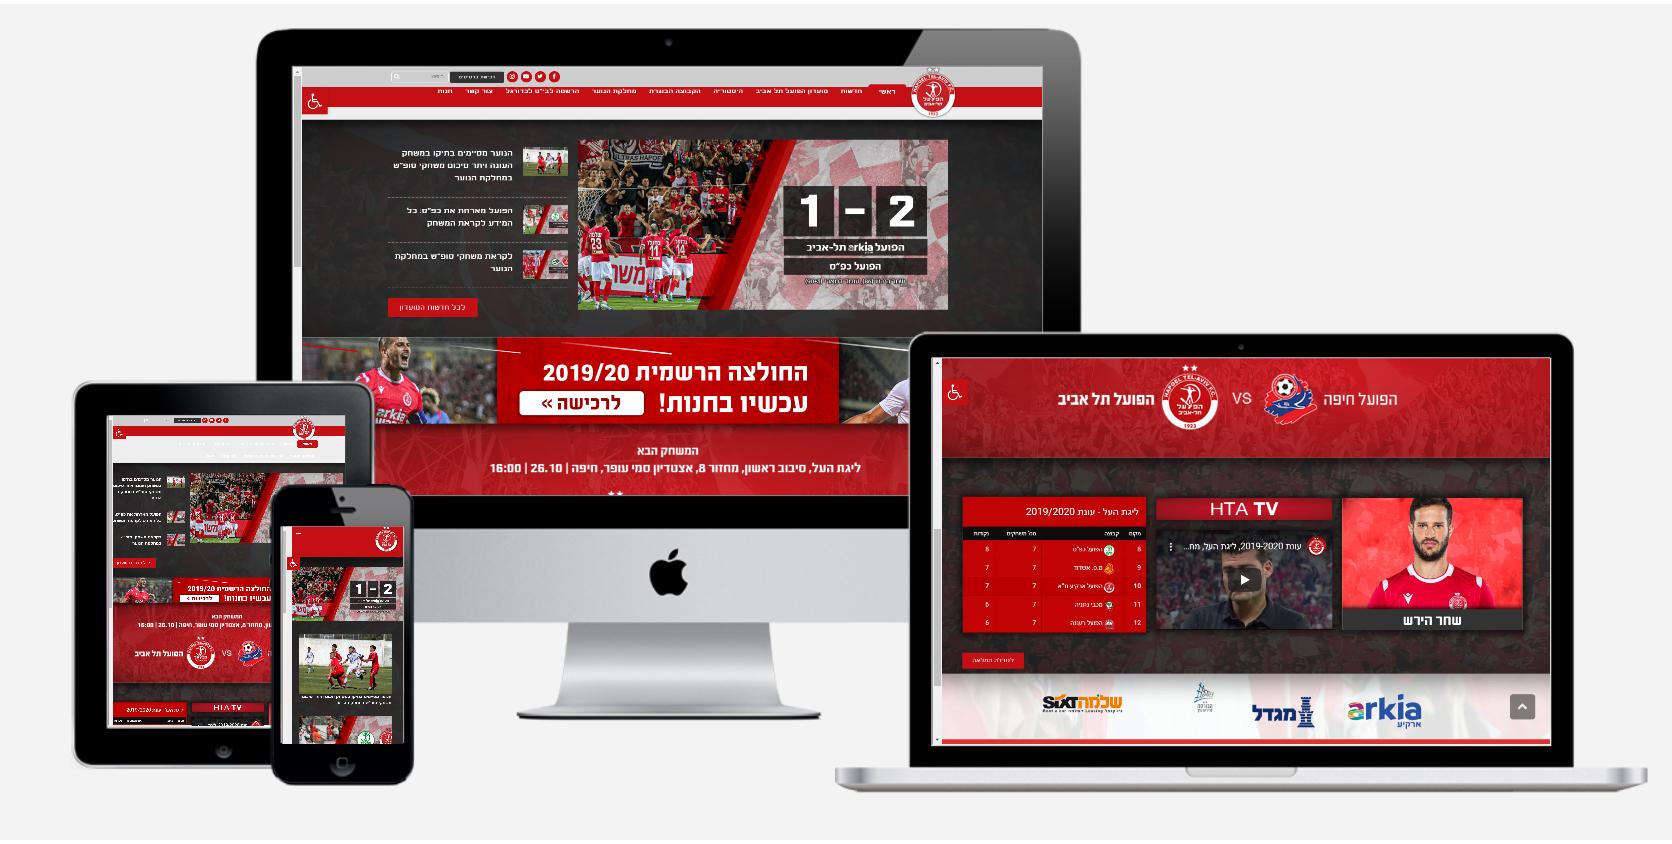 בניית האתר הרשמי של פועל תל אביב